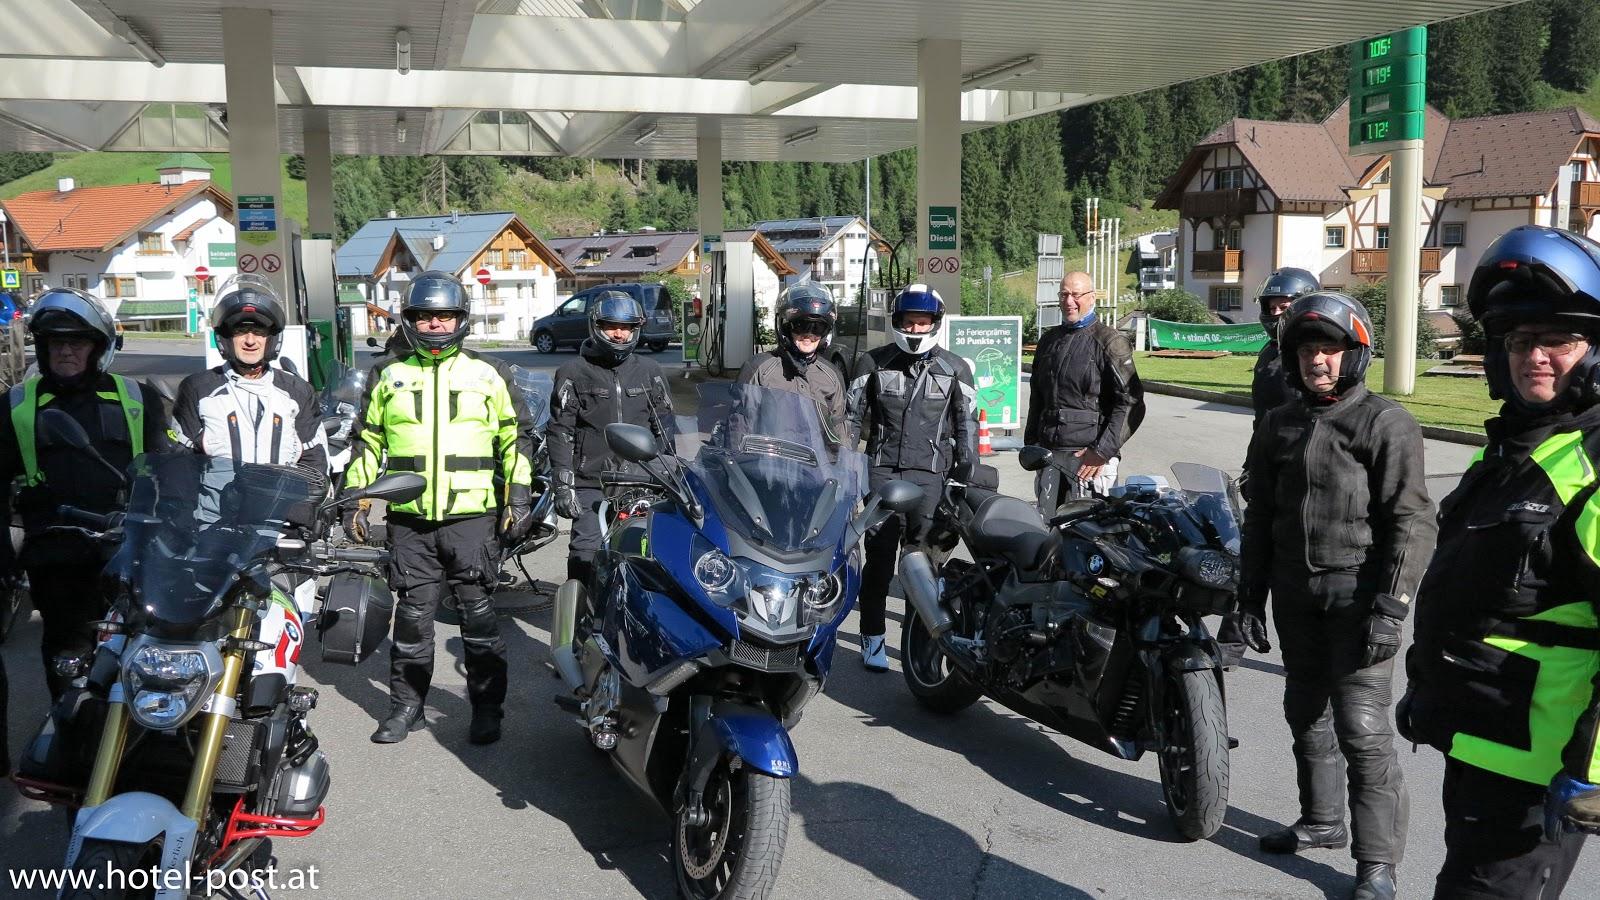 Motorrad - 29.07.2016 Wunderlich Alpenglühen Tour 1